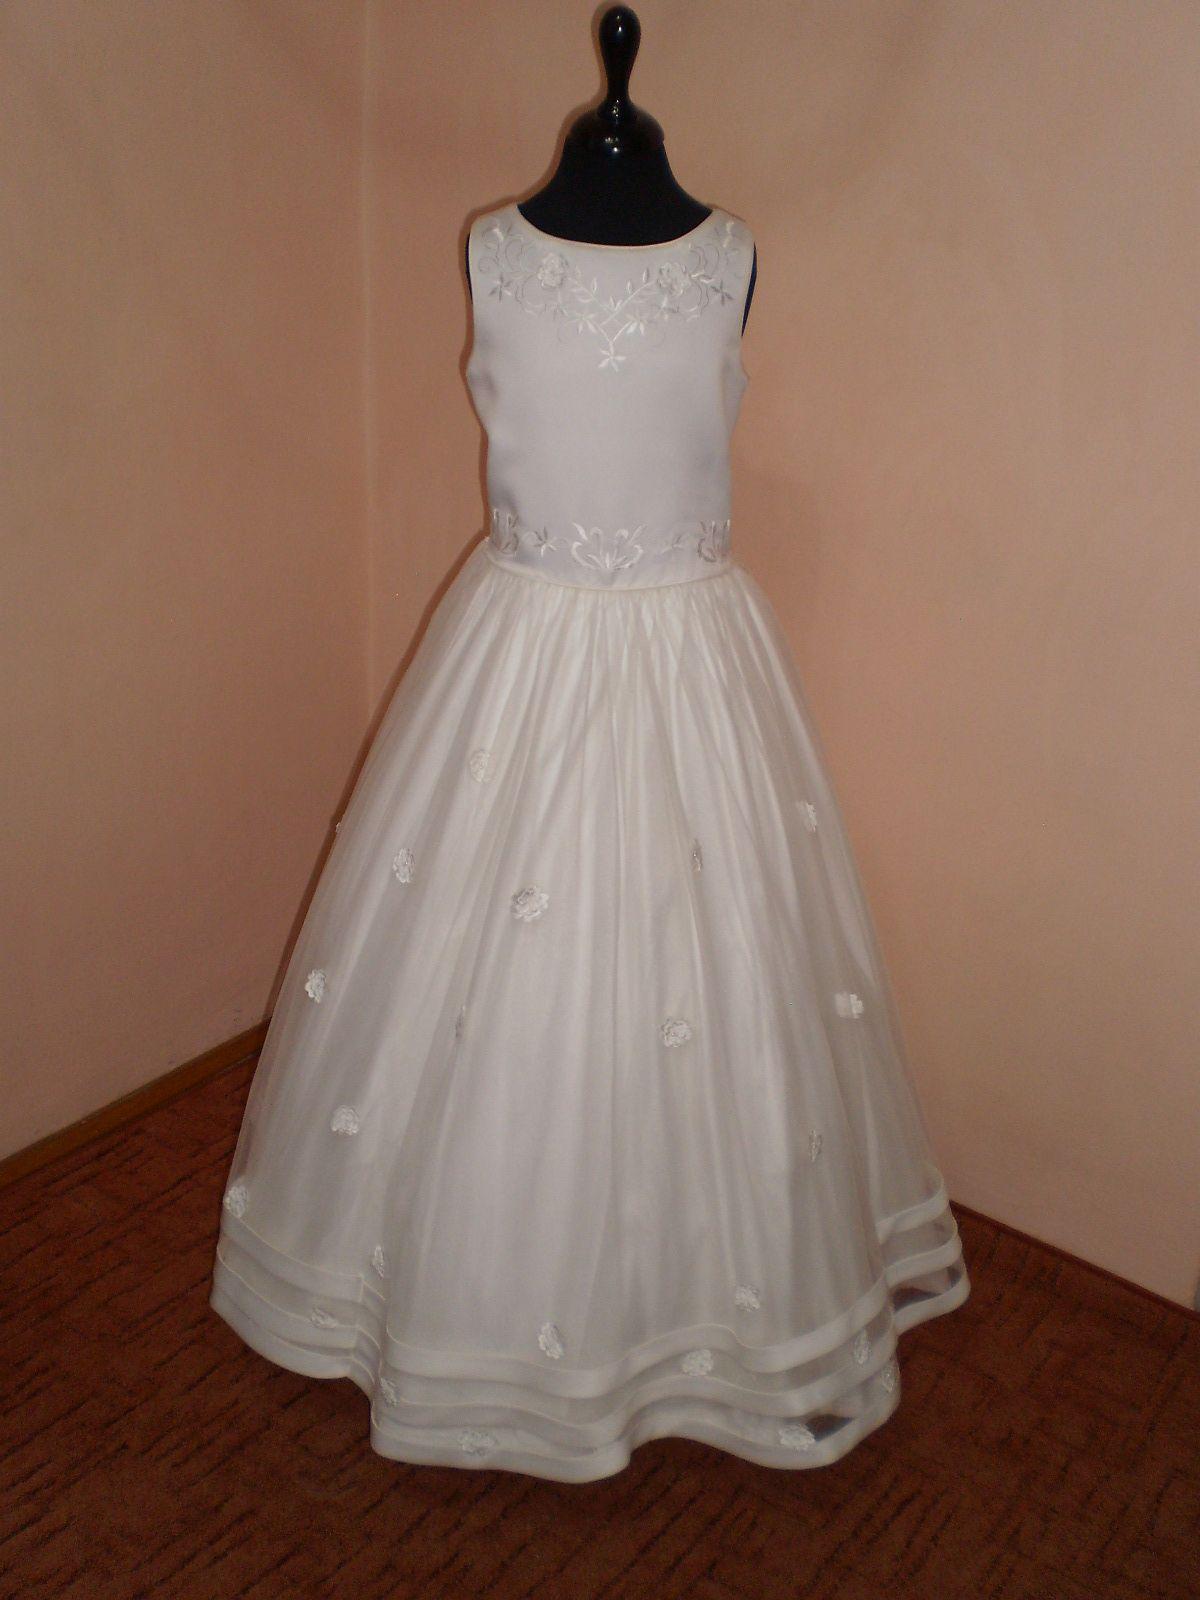 PA173306 Gyerek koszorús ruhák